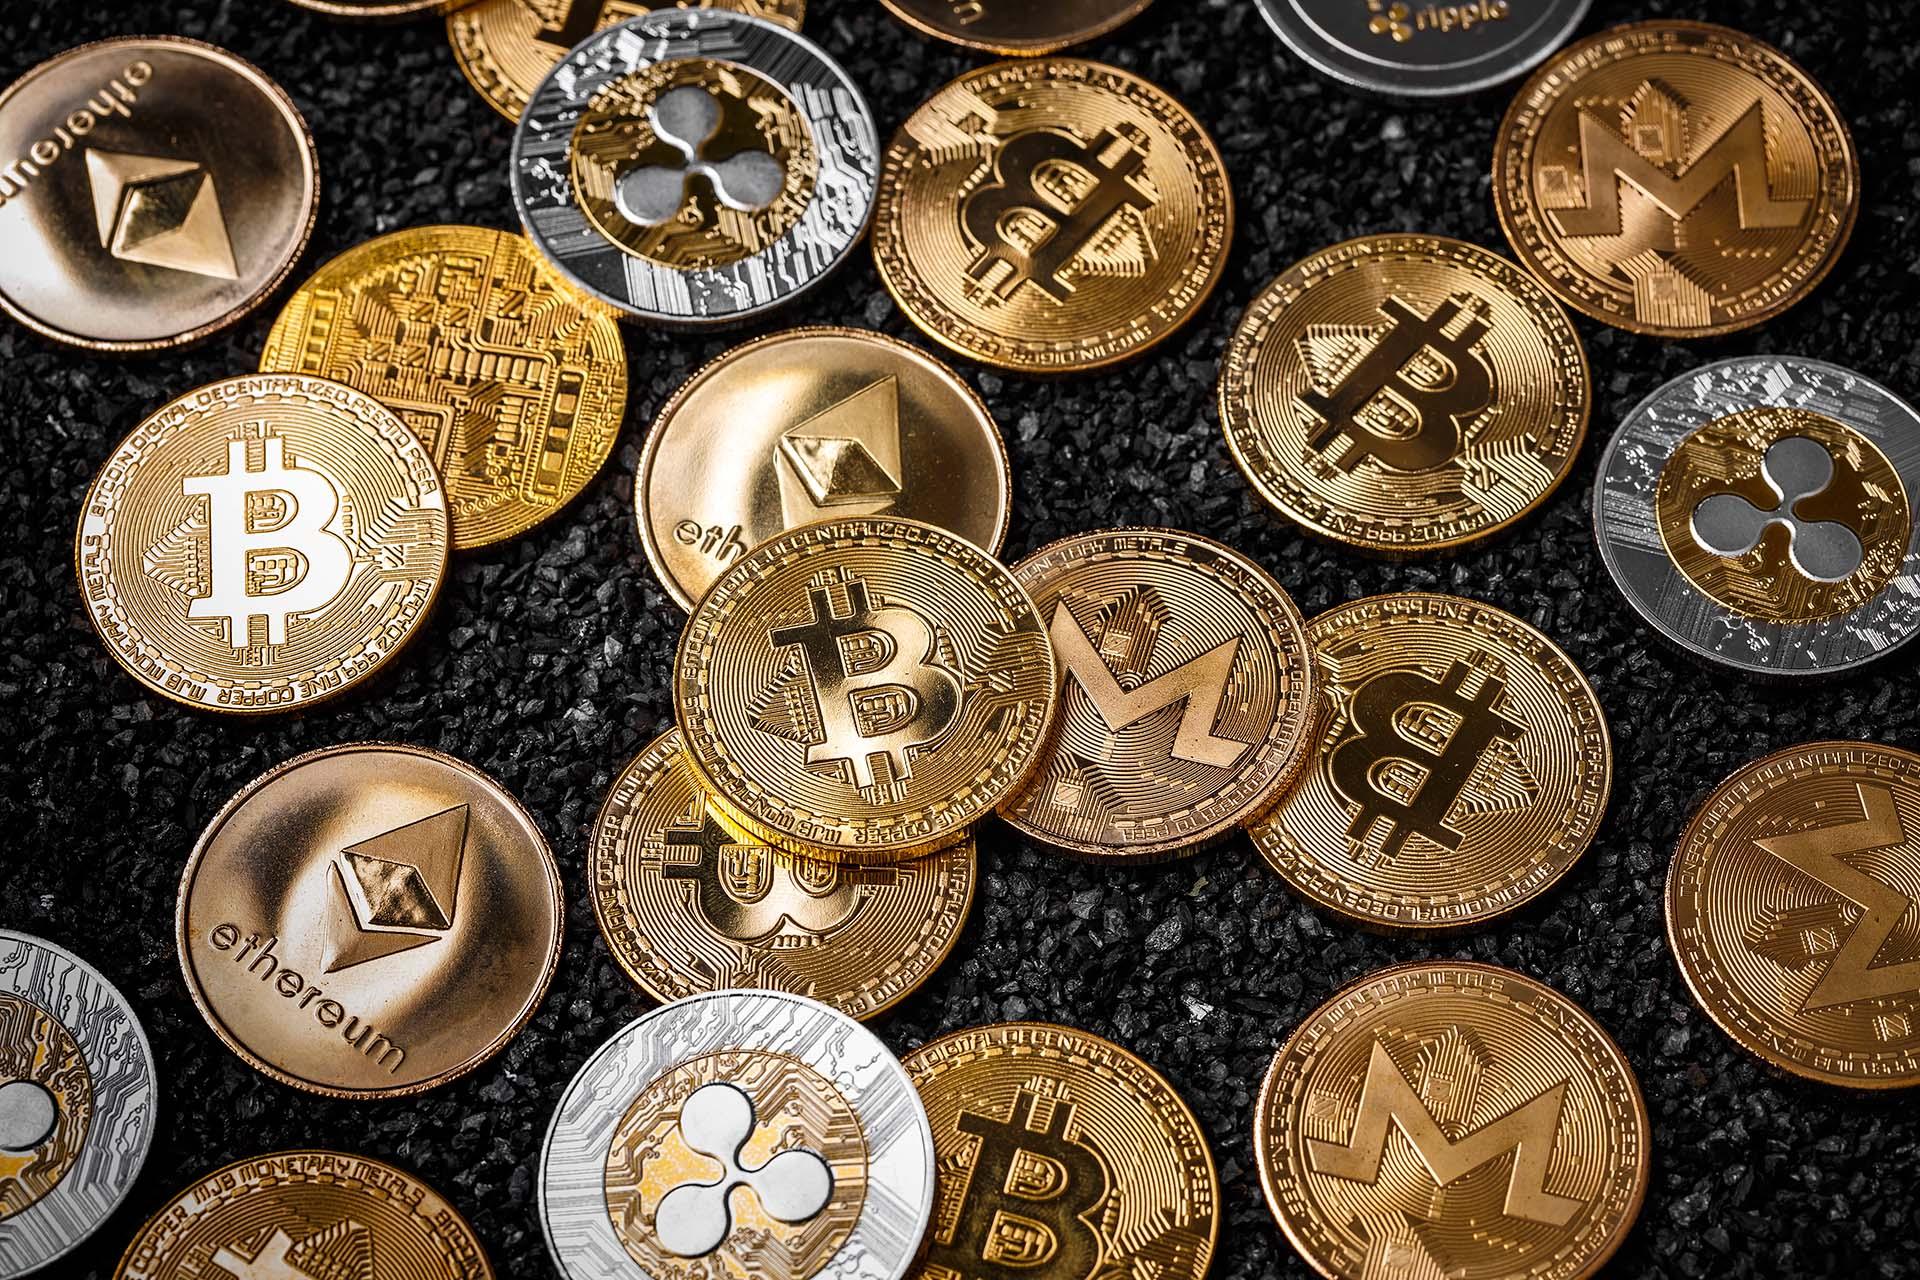 ТОП-10 криптовалют по капитализации на сегодня, в 2021 году